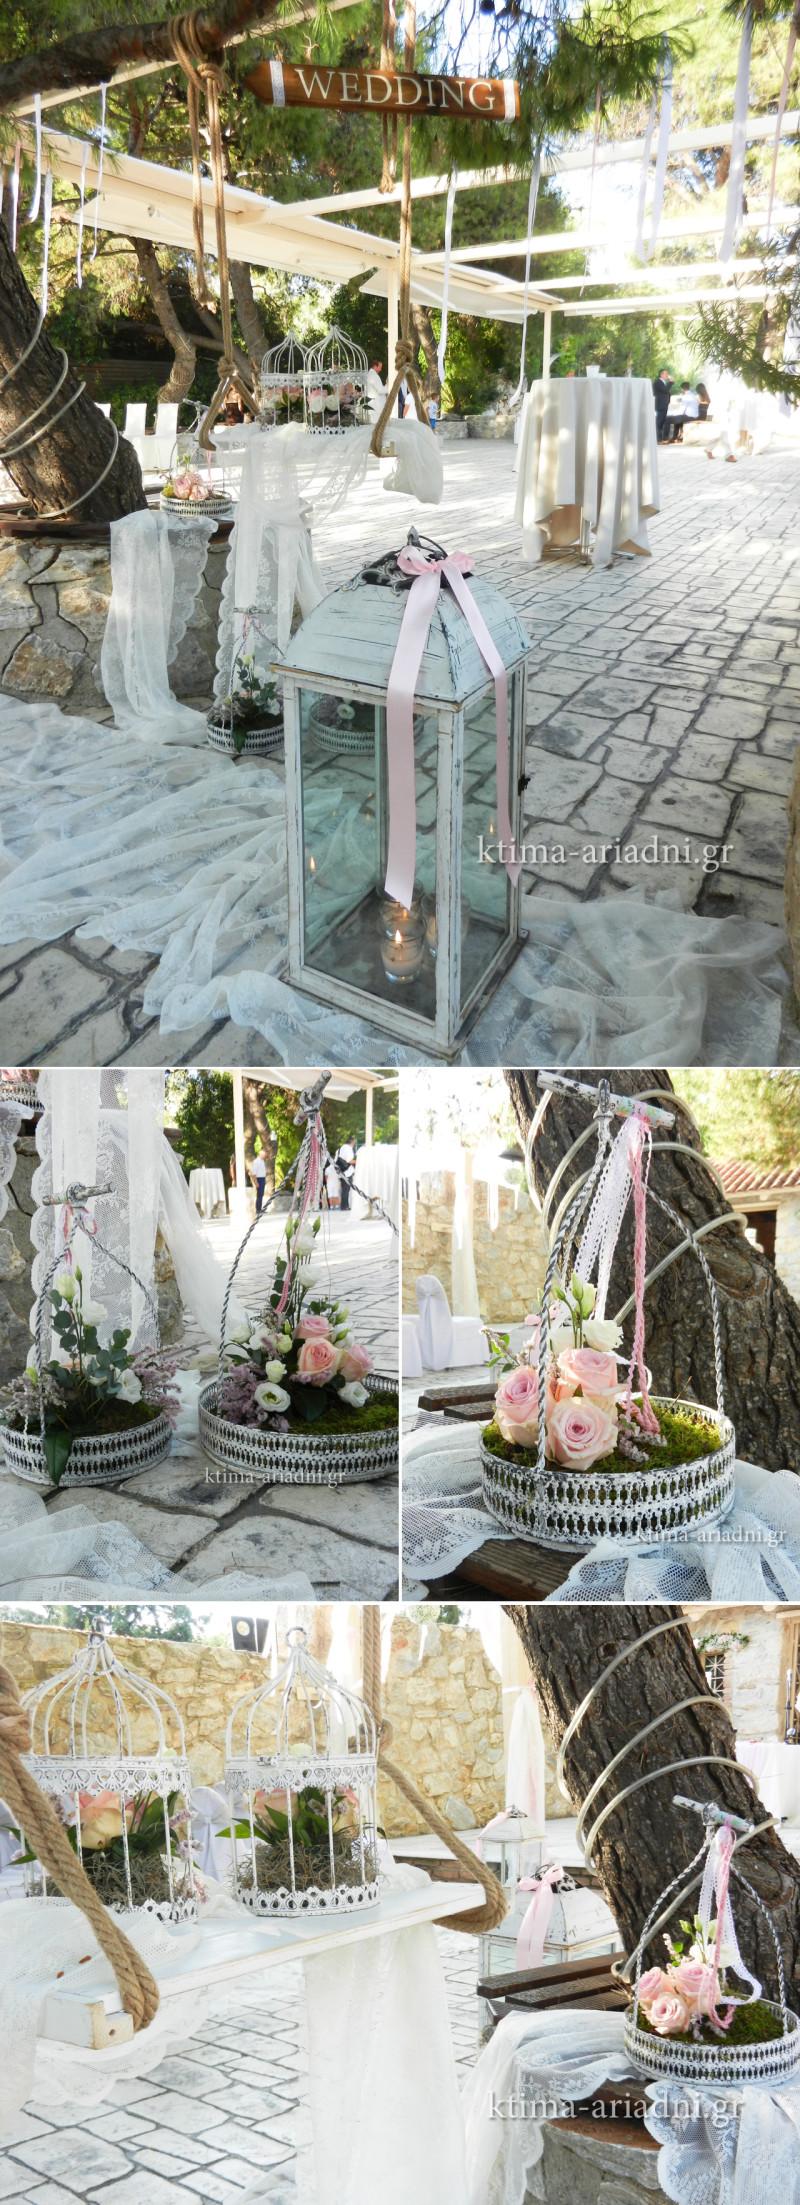 Το πεύκο έξω από την εκκλησία του χώρου Φαιστός διακοσμήθηκε ρομαντικά από το ανθοπωλείο Κήπος. Statements... η κούνια και οι vintage δίσκοι σερβιρίσματος